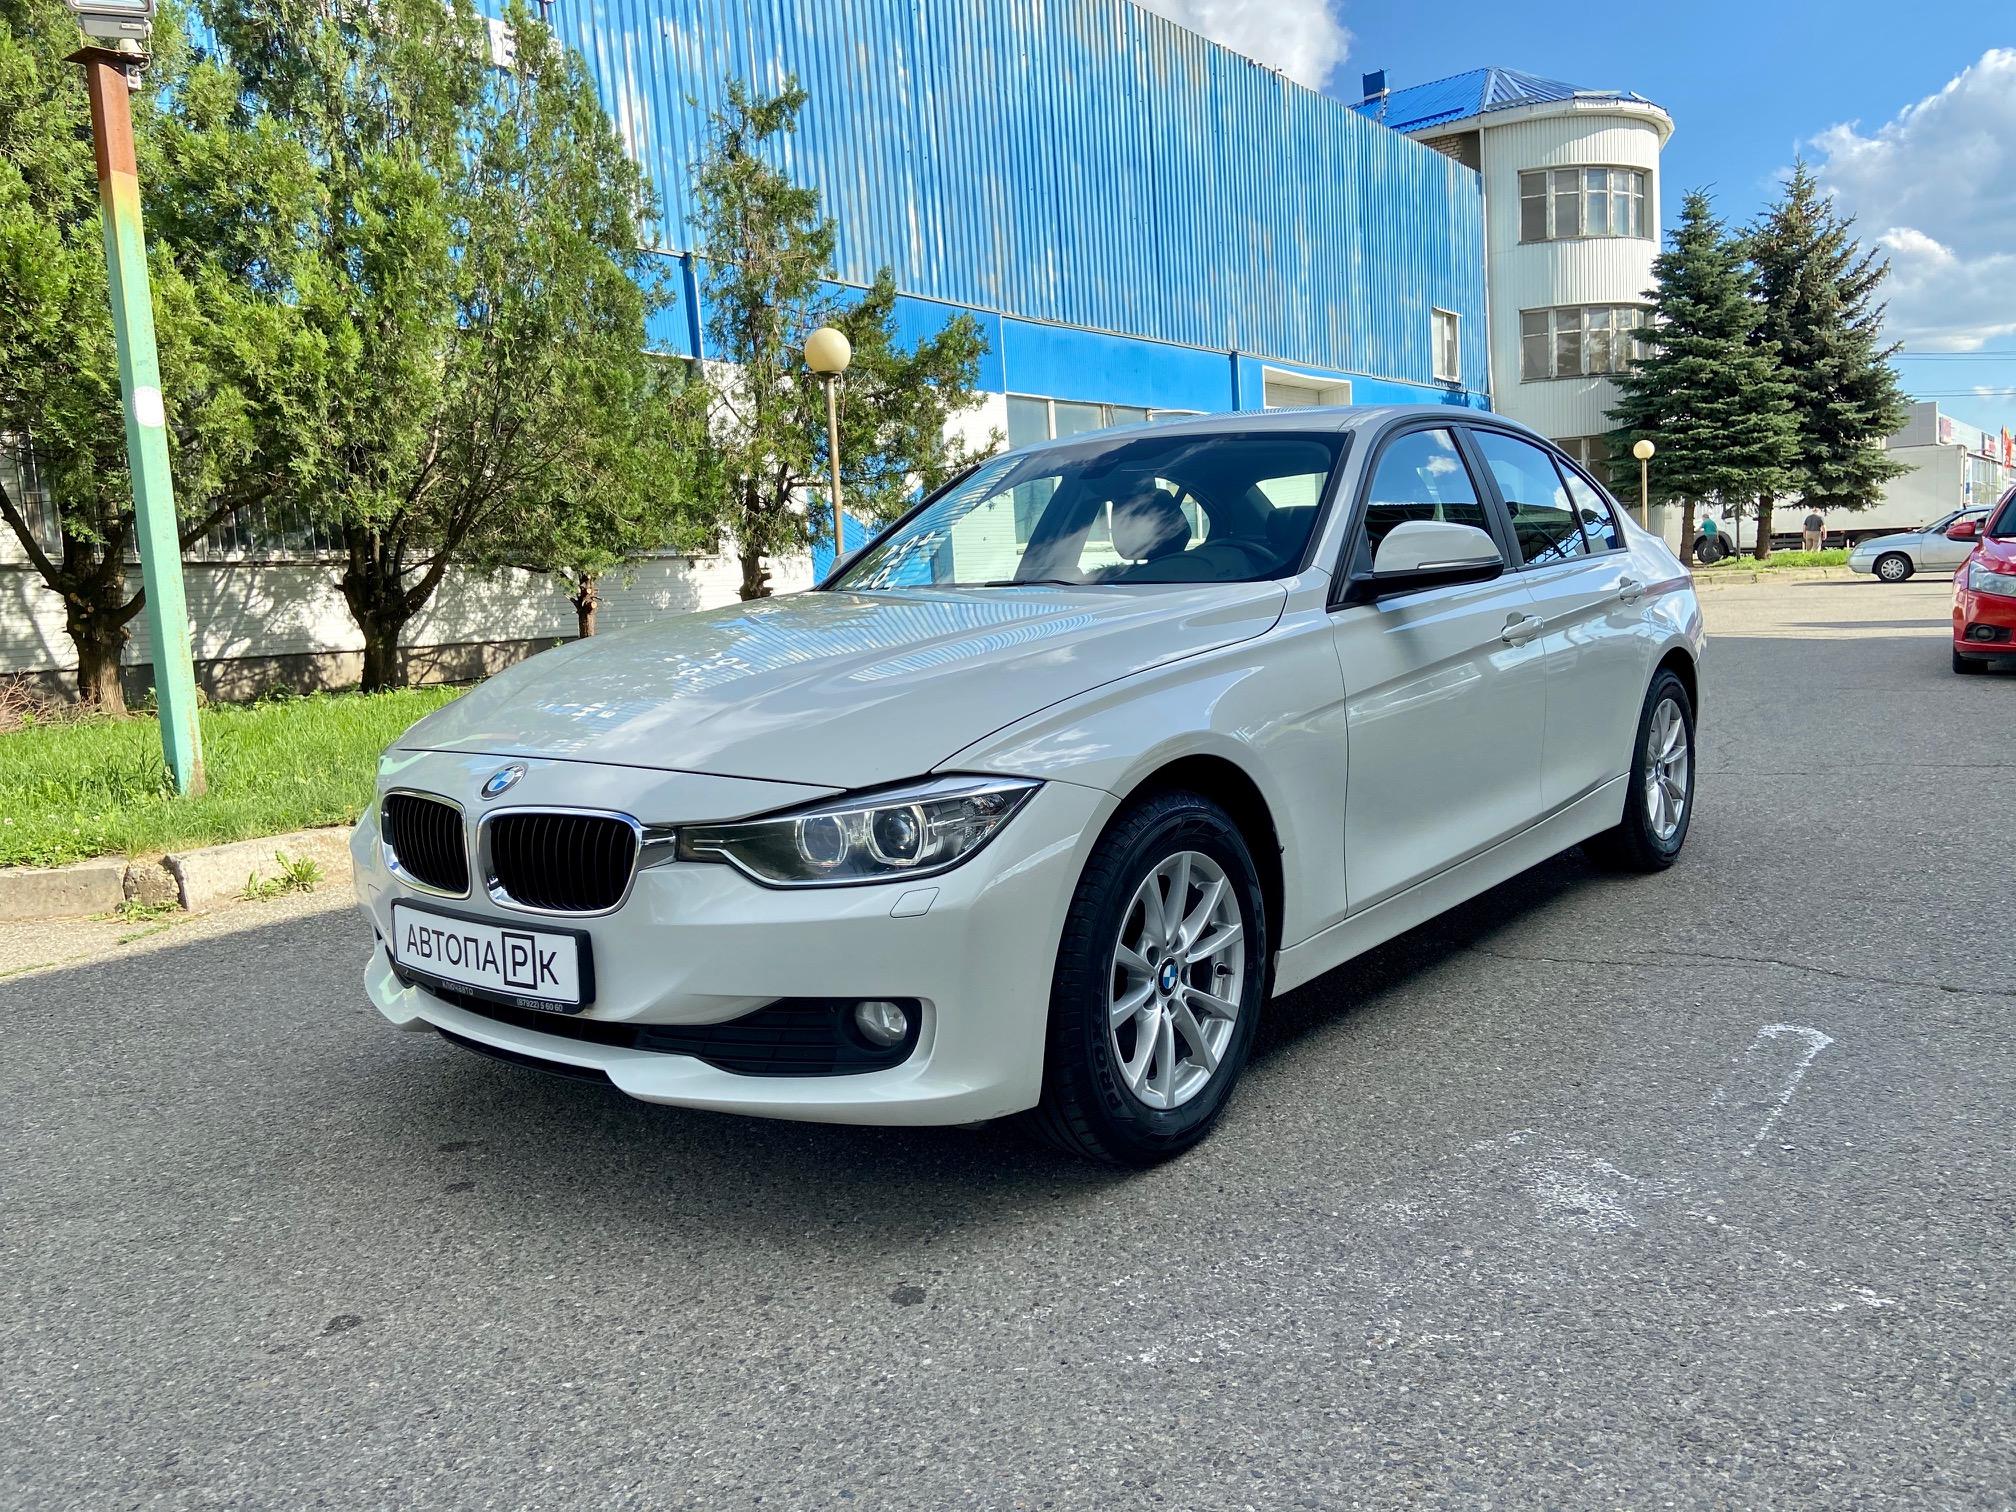 Ставрополь купить авто автоломбард автоломбард под залог птс уссурийск